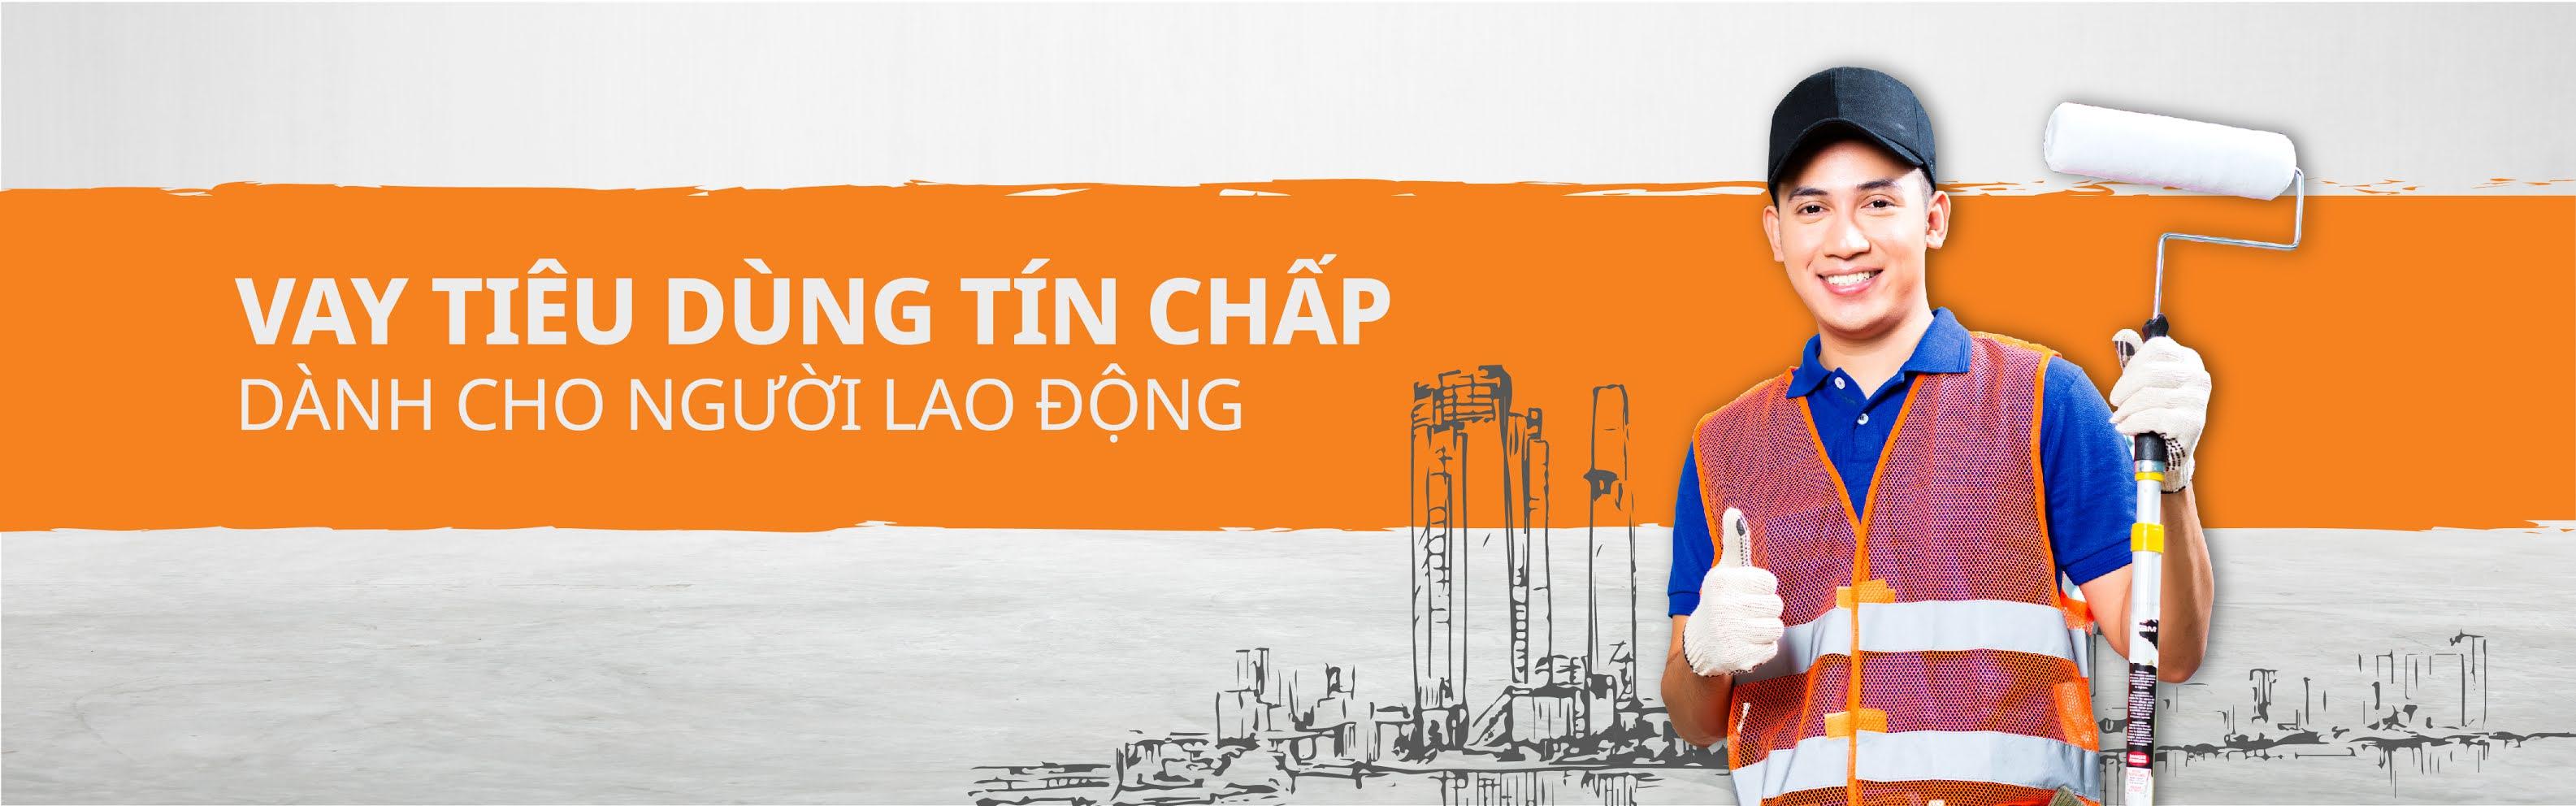 Vay Tiền Nhanh Online & Tư Vấn Sản Phẩm Cho Vay Chỉ Cần CMND, Vay tiền nhanh trong 2h.